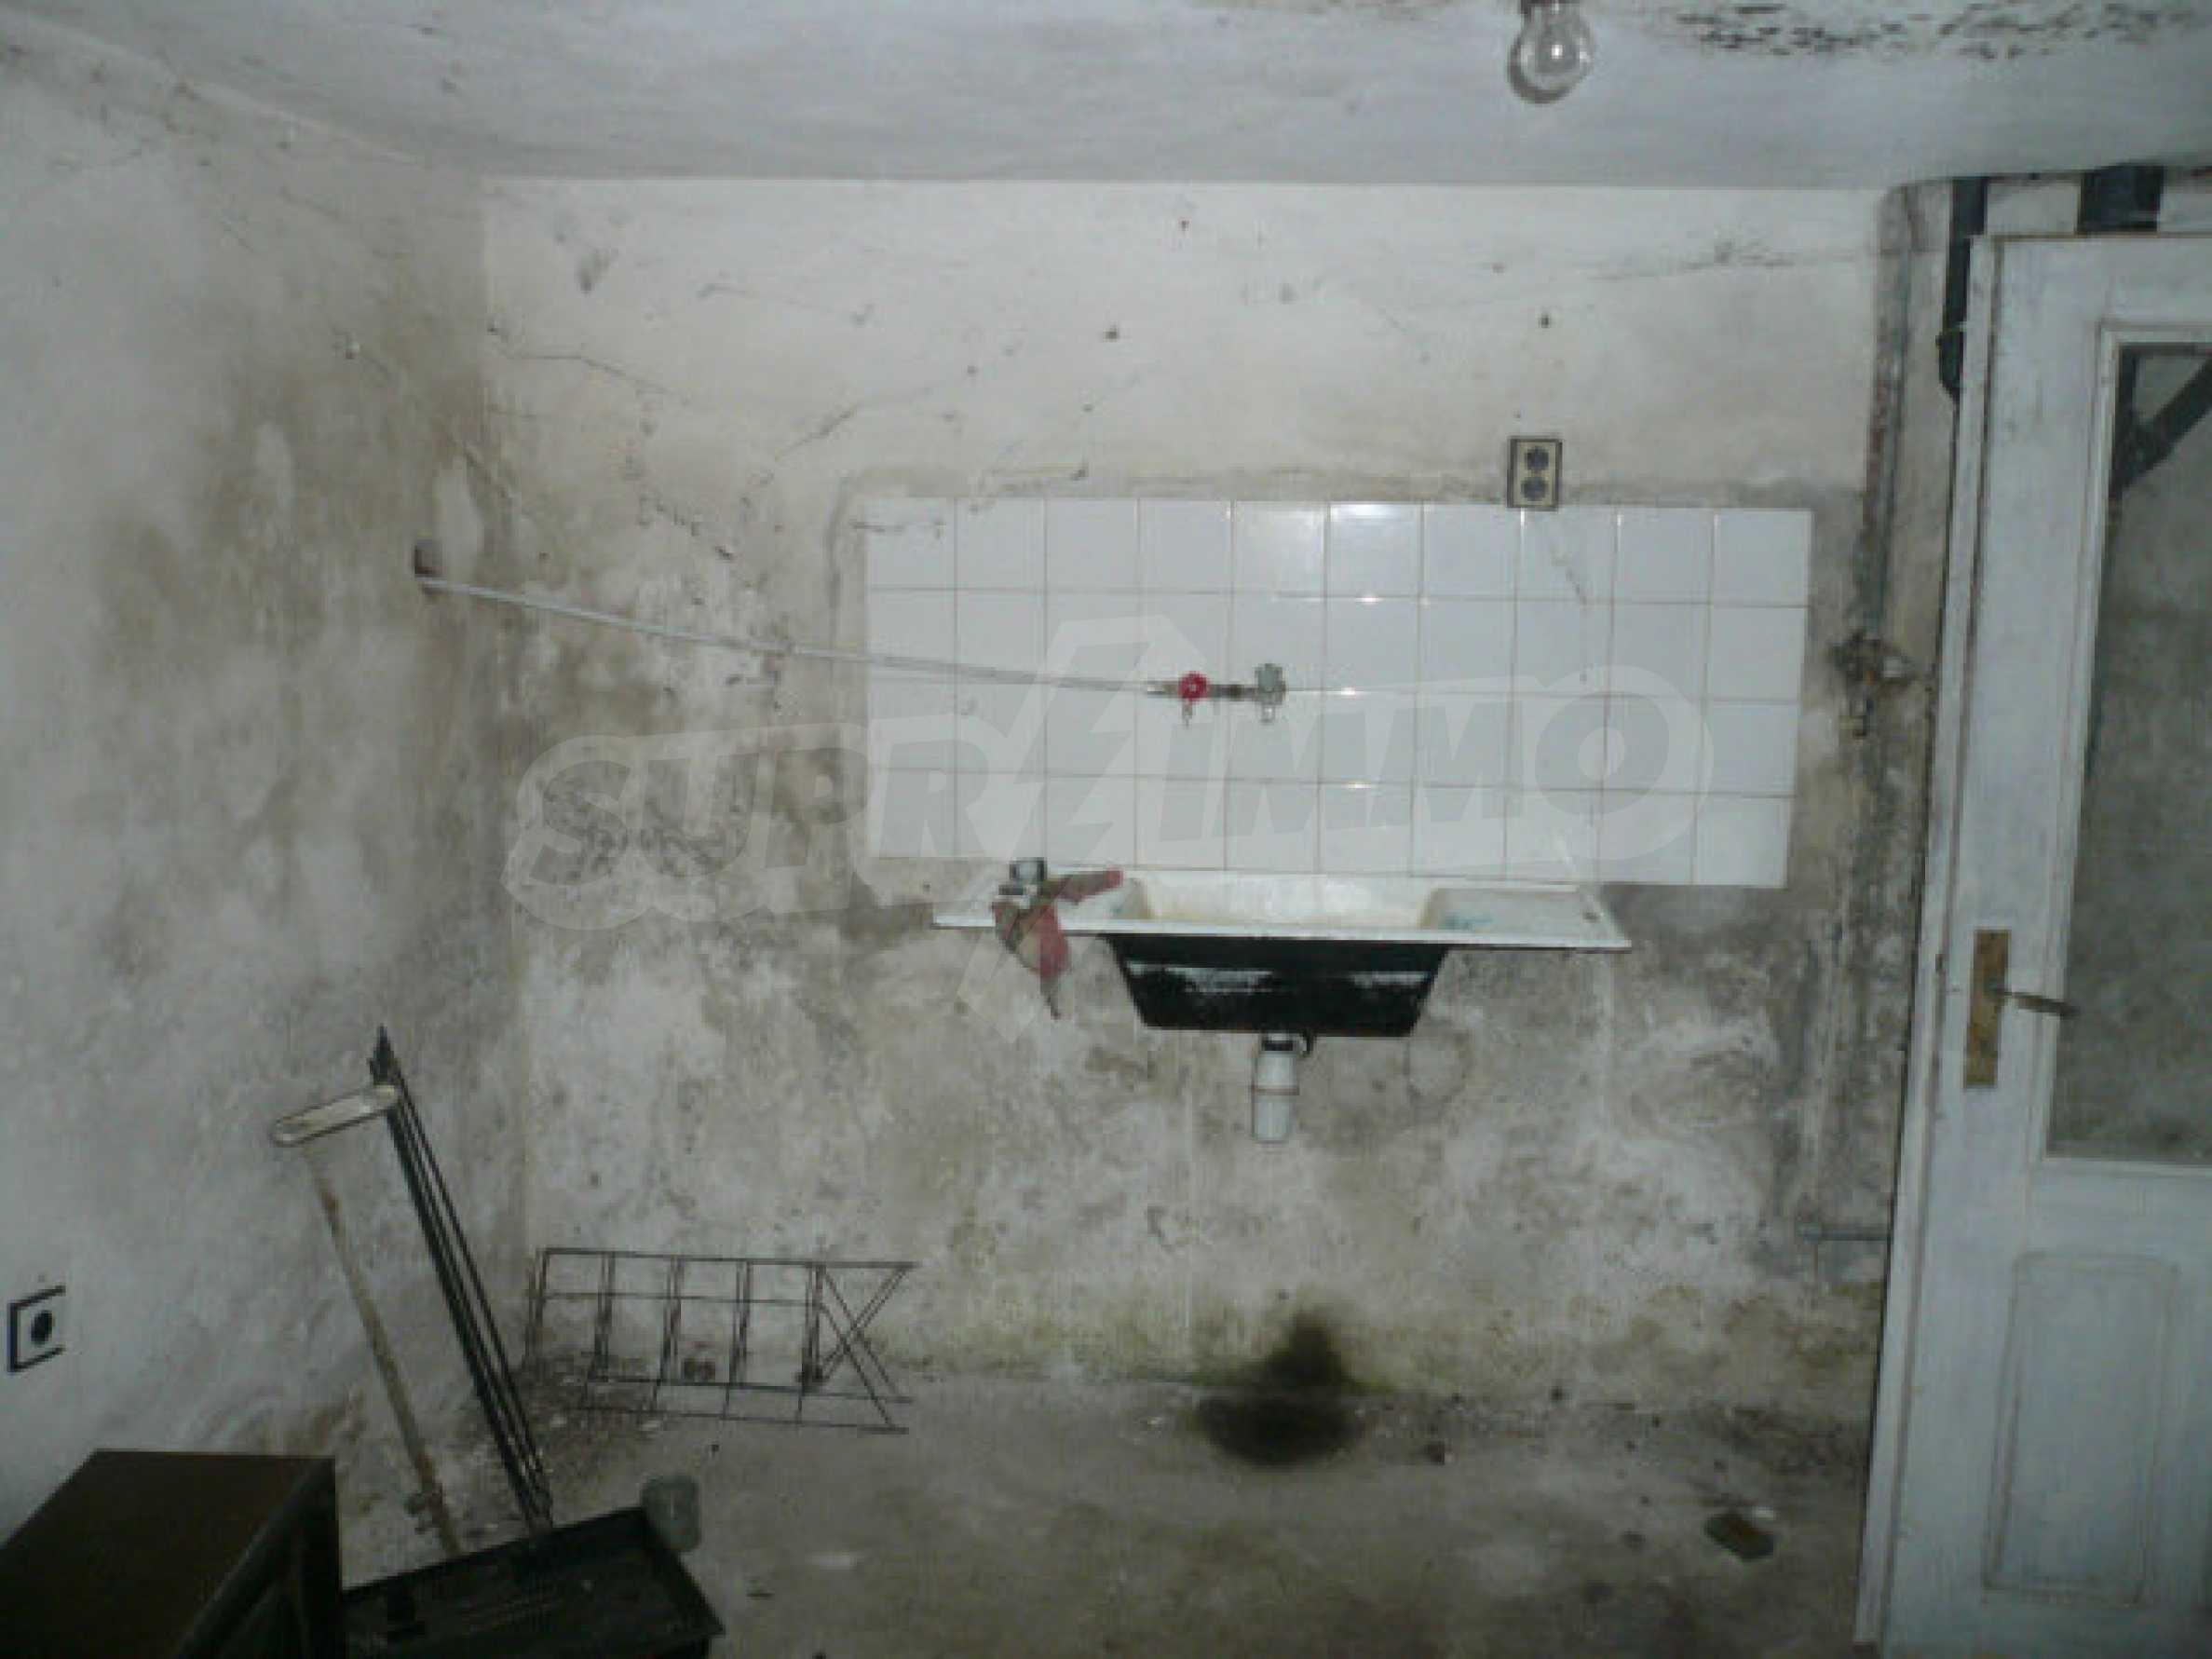 Haus zum Verkauf in der Nähe von Vidin, Bulgarien 24